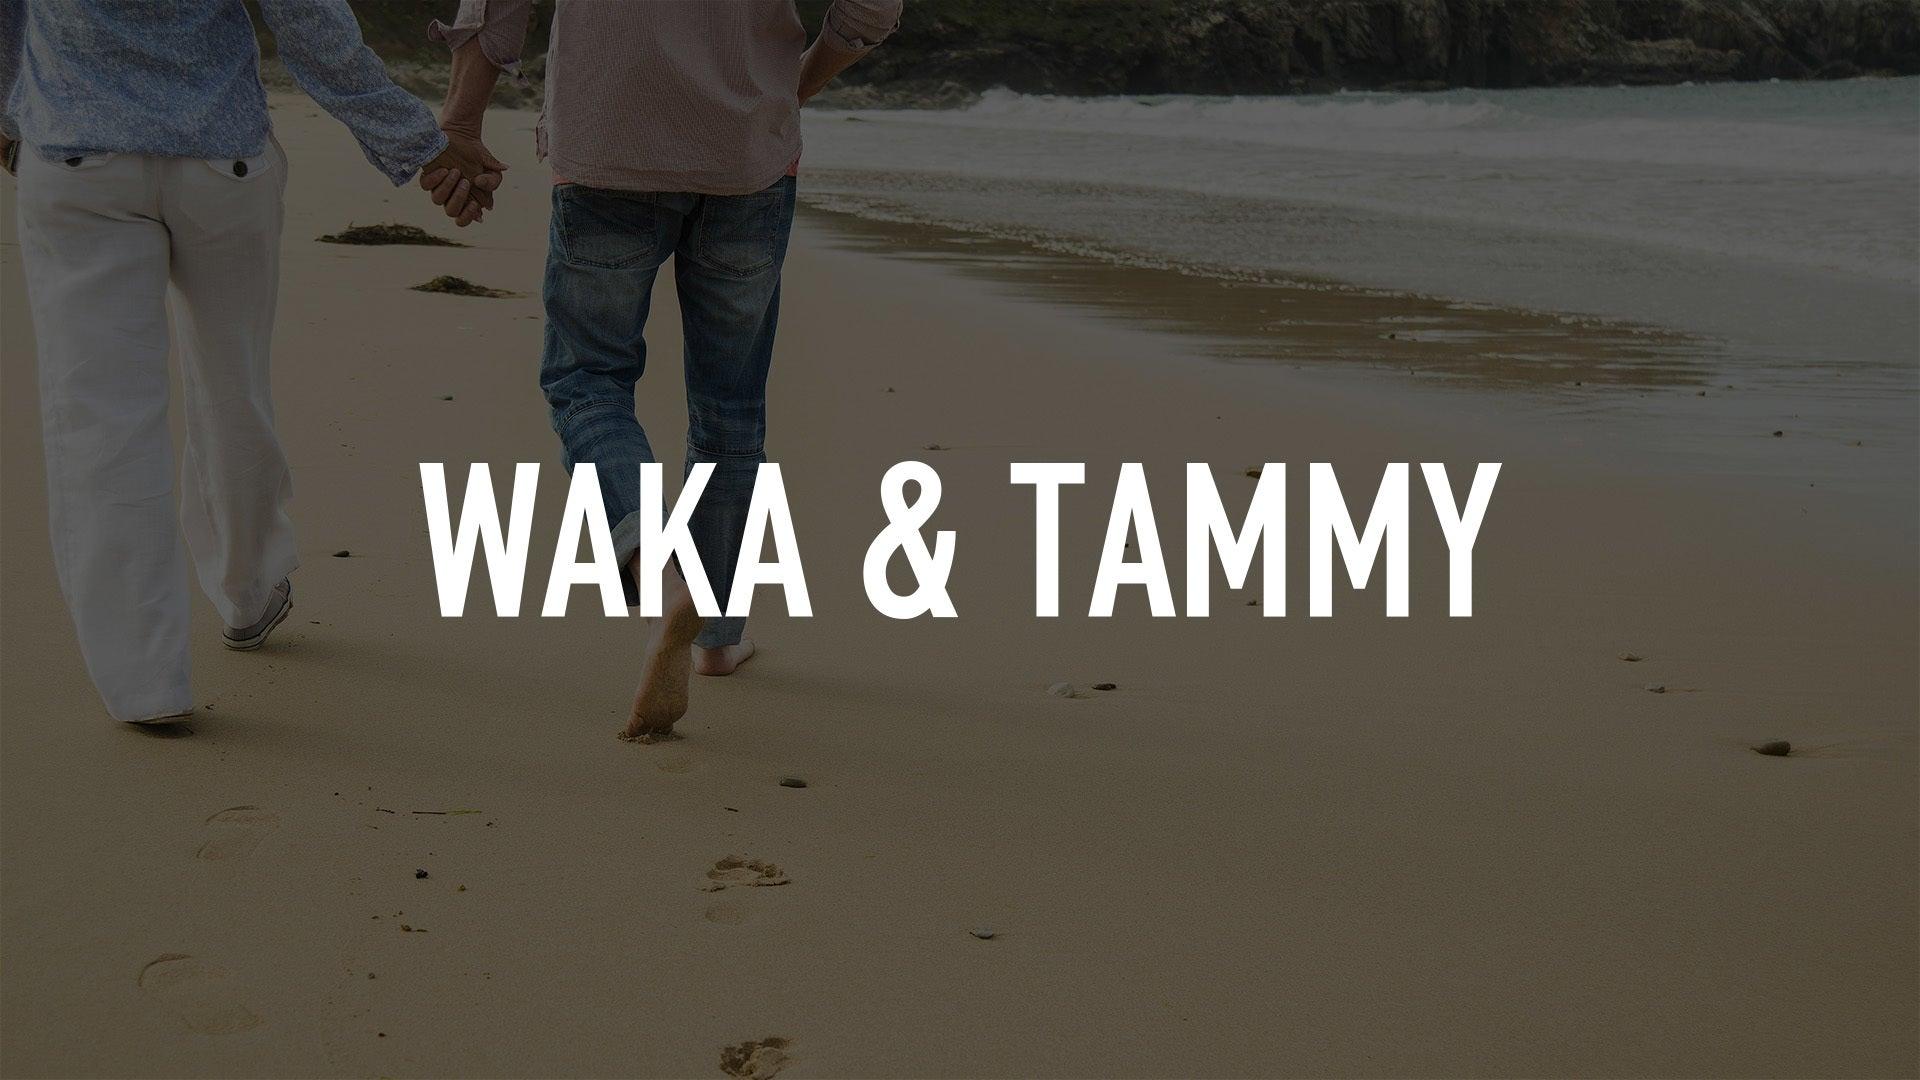 Waka & Tammy